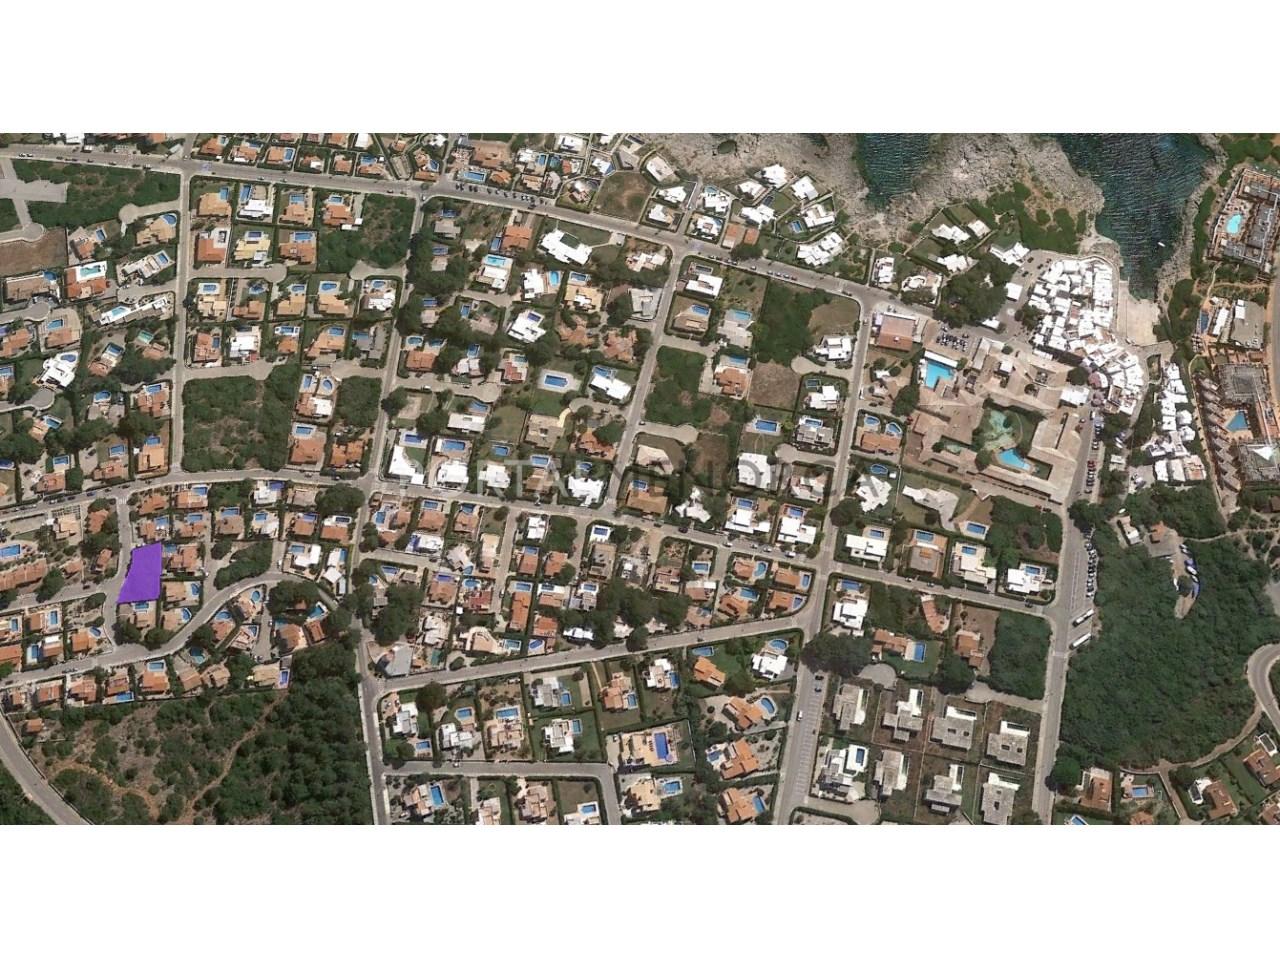 Parcela edificable cerca del mar en venta en la costa sur de Menorca